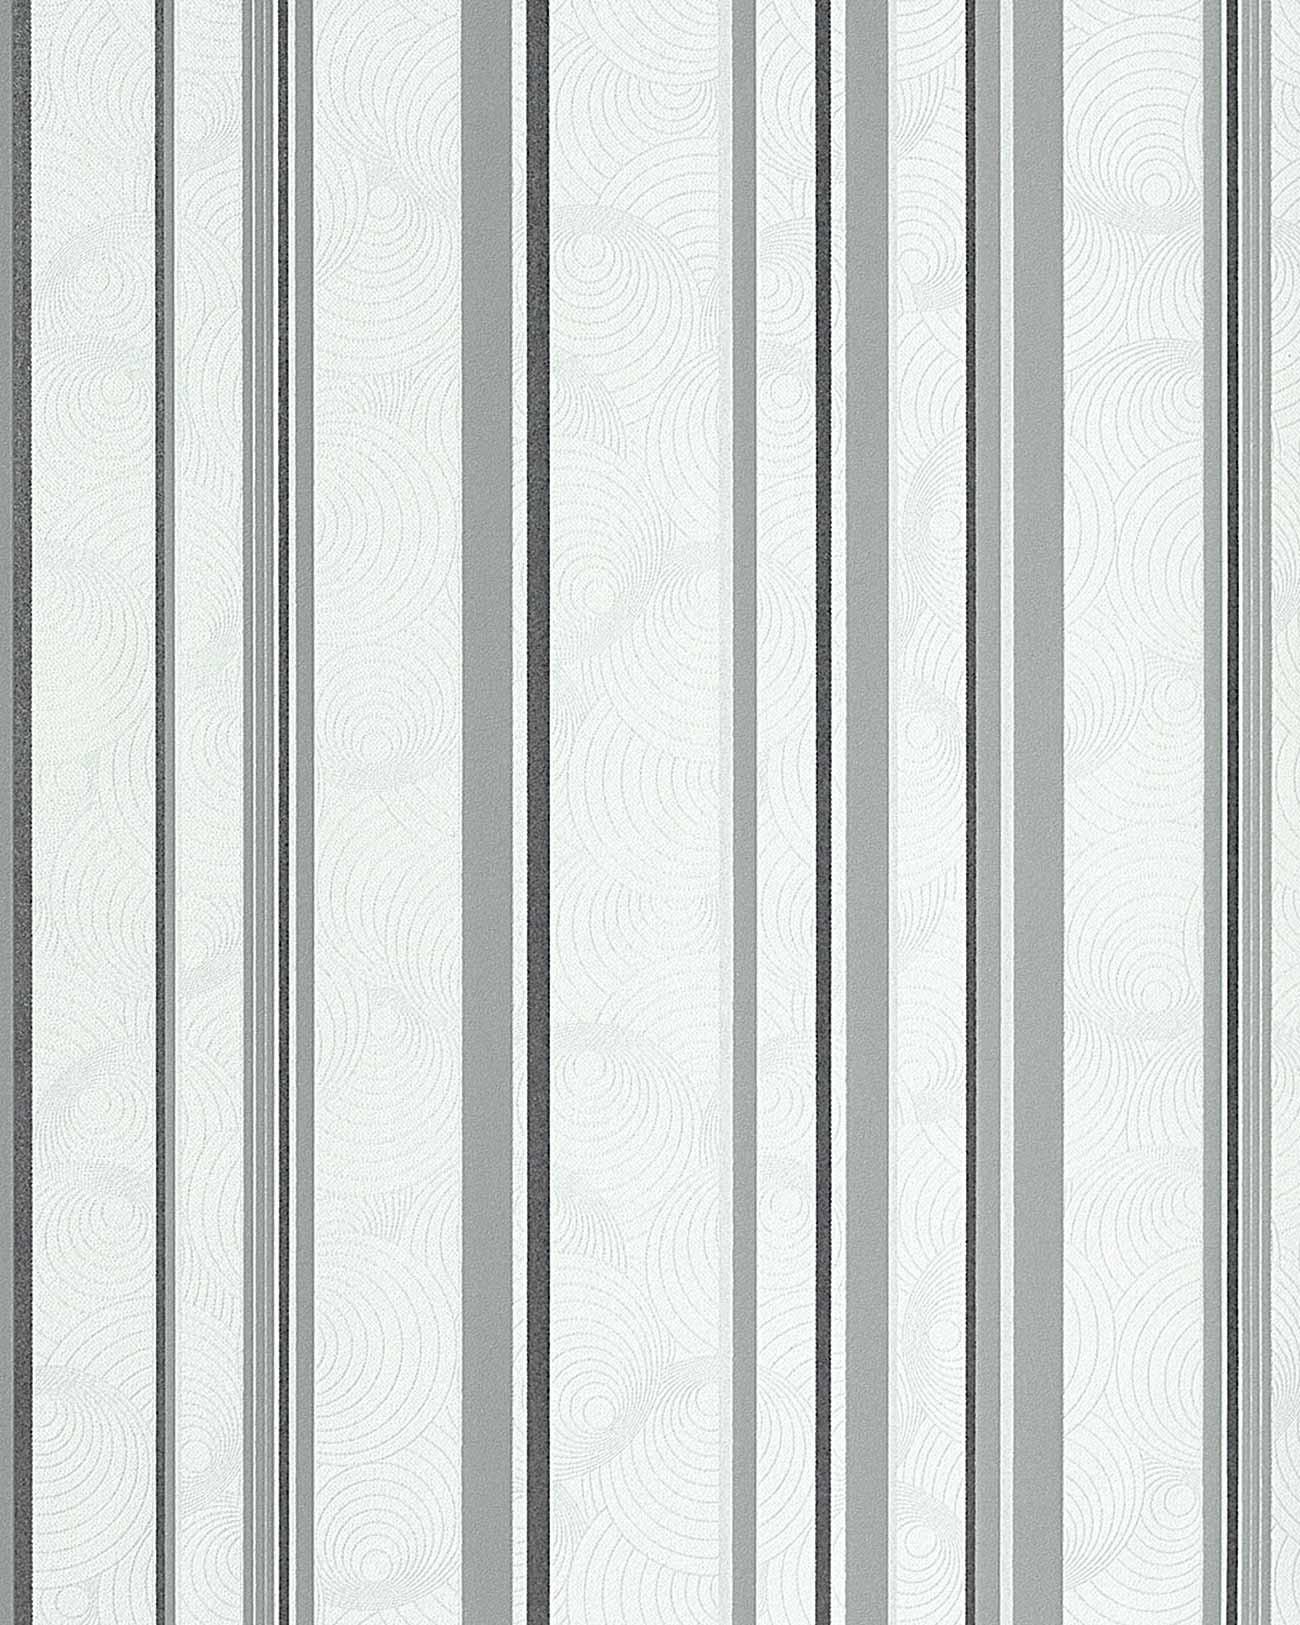 Tapete Blau Wei? Kariert : Sweet Summer Design Streifen Tapete wei? hellgrau graphite ? Bild 1